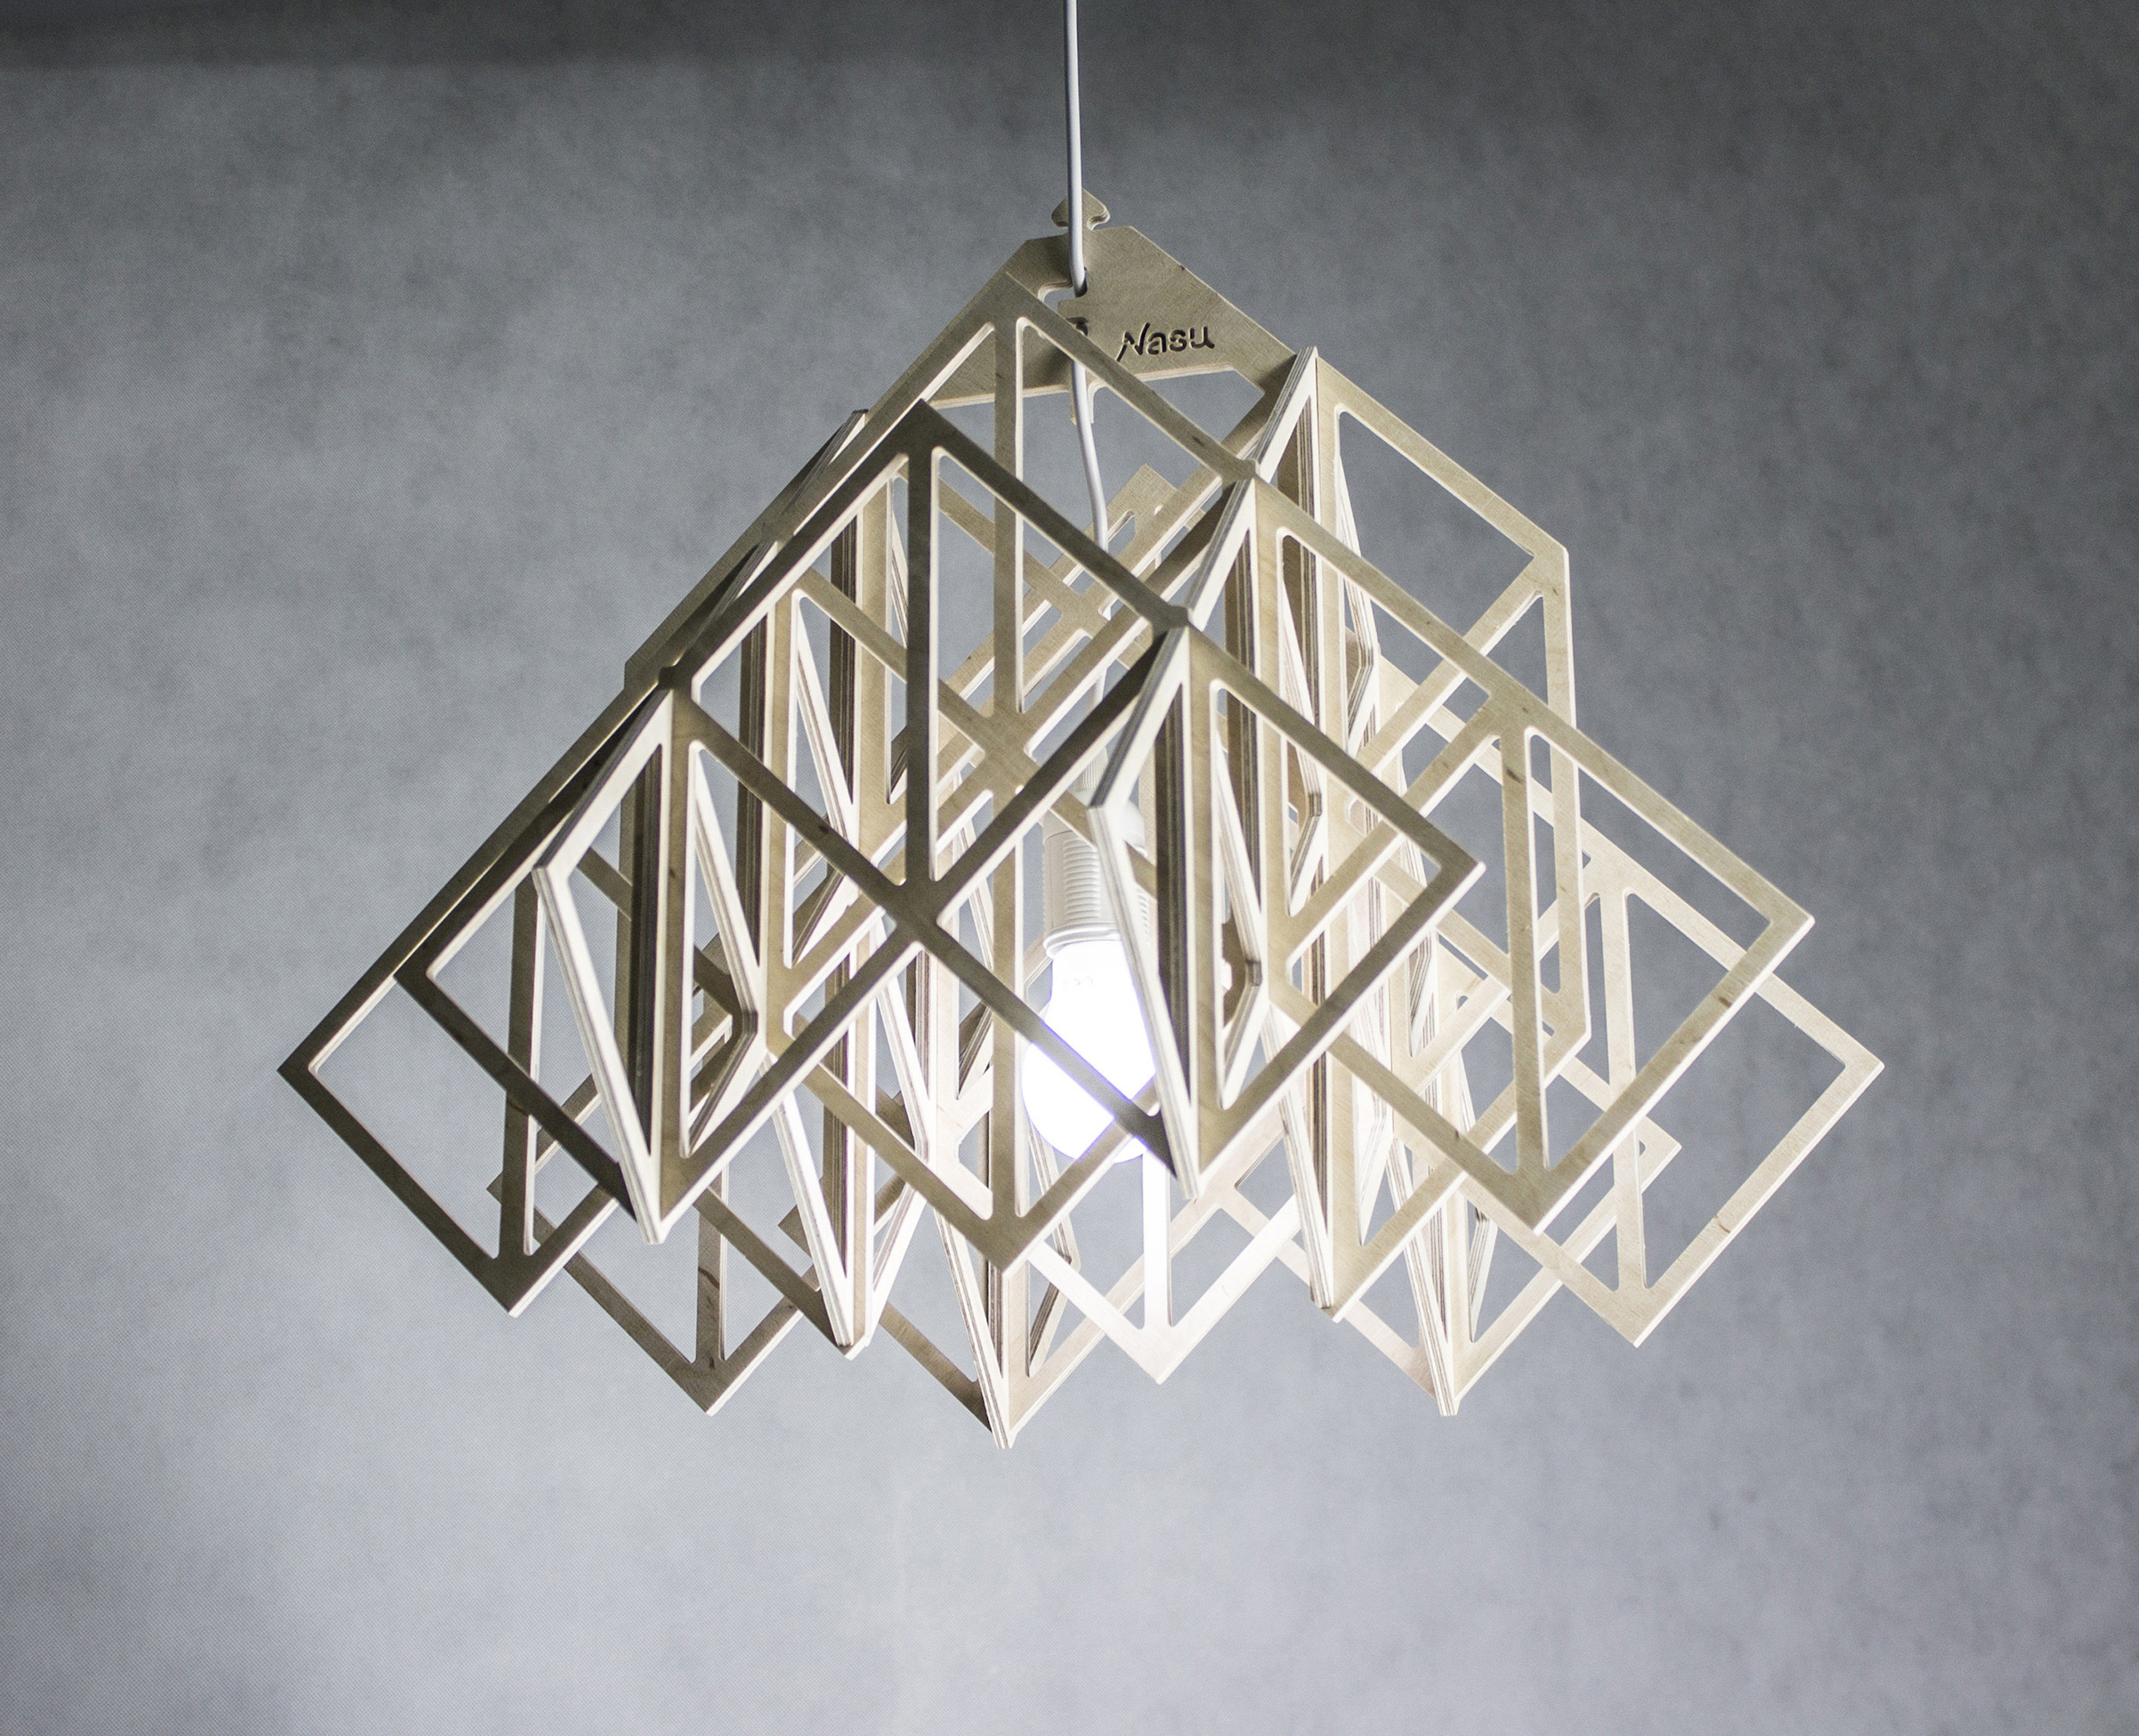 plywood lighting. HIMMELI Light \u2013 Wood Eco Pendant Light, Ceiling Lamp Of Plywood Lighting G